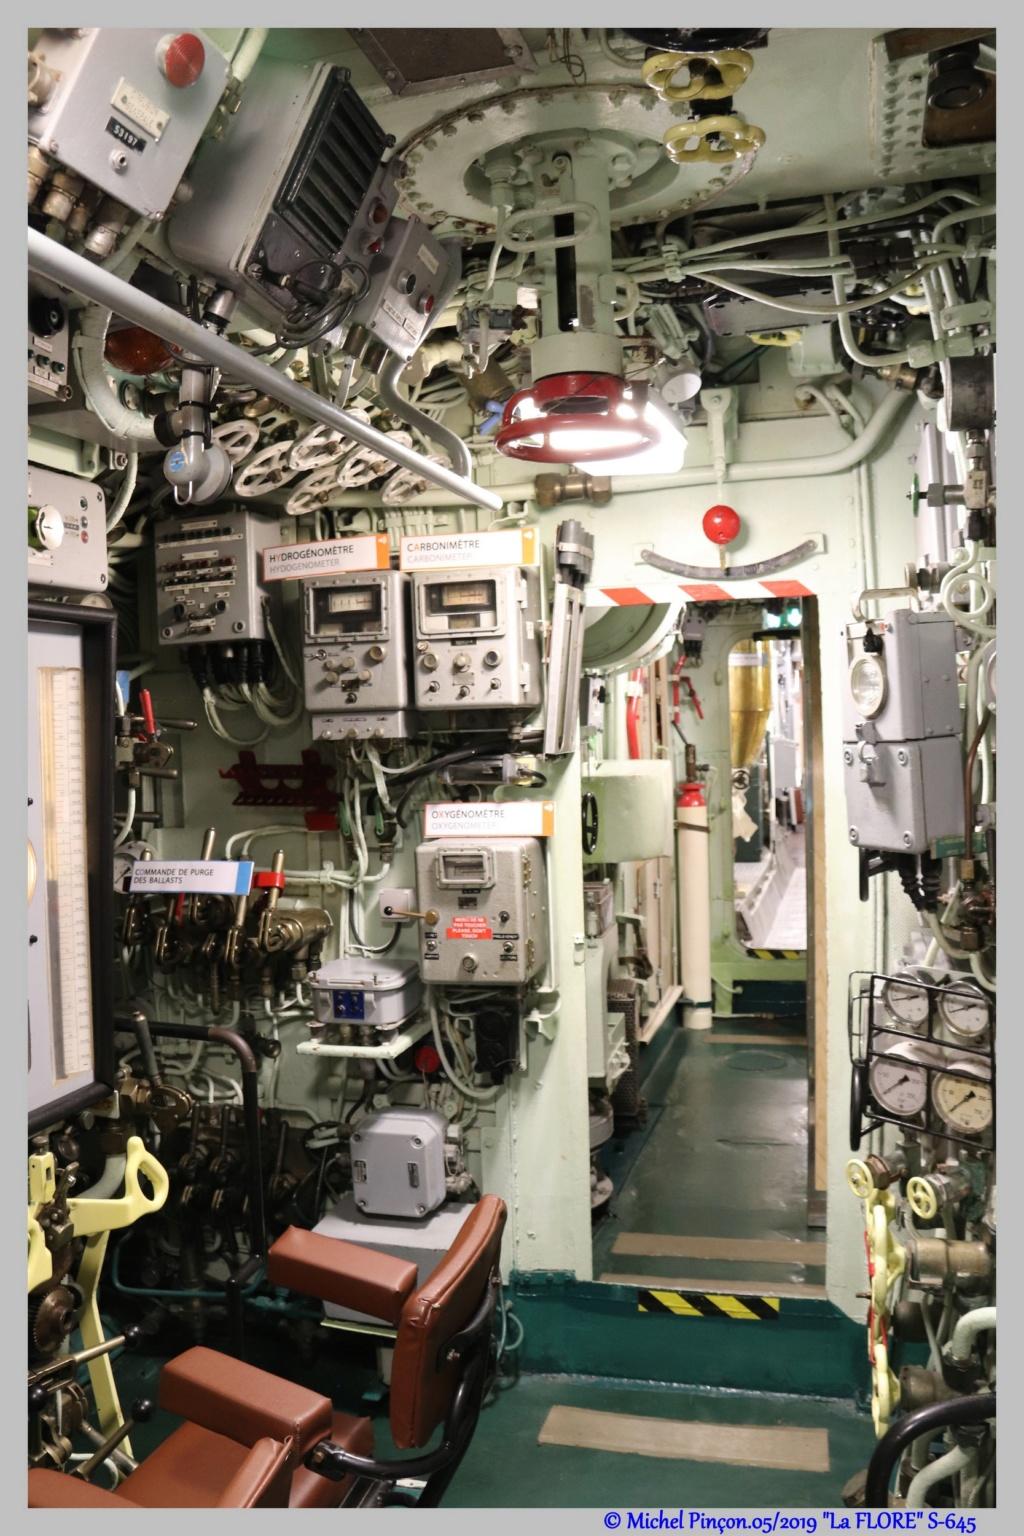 [Les Musées en rapport avec la Marine] CEUX QUI VISITENT LA FLORE - Page 18 Dsc04151